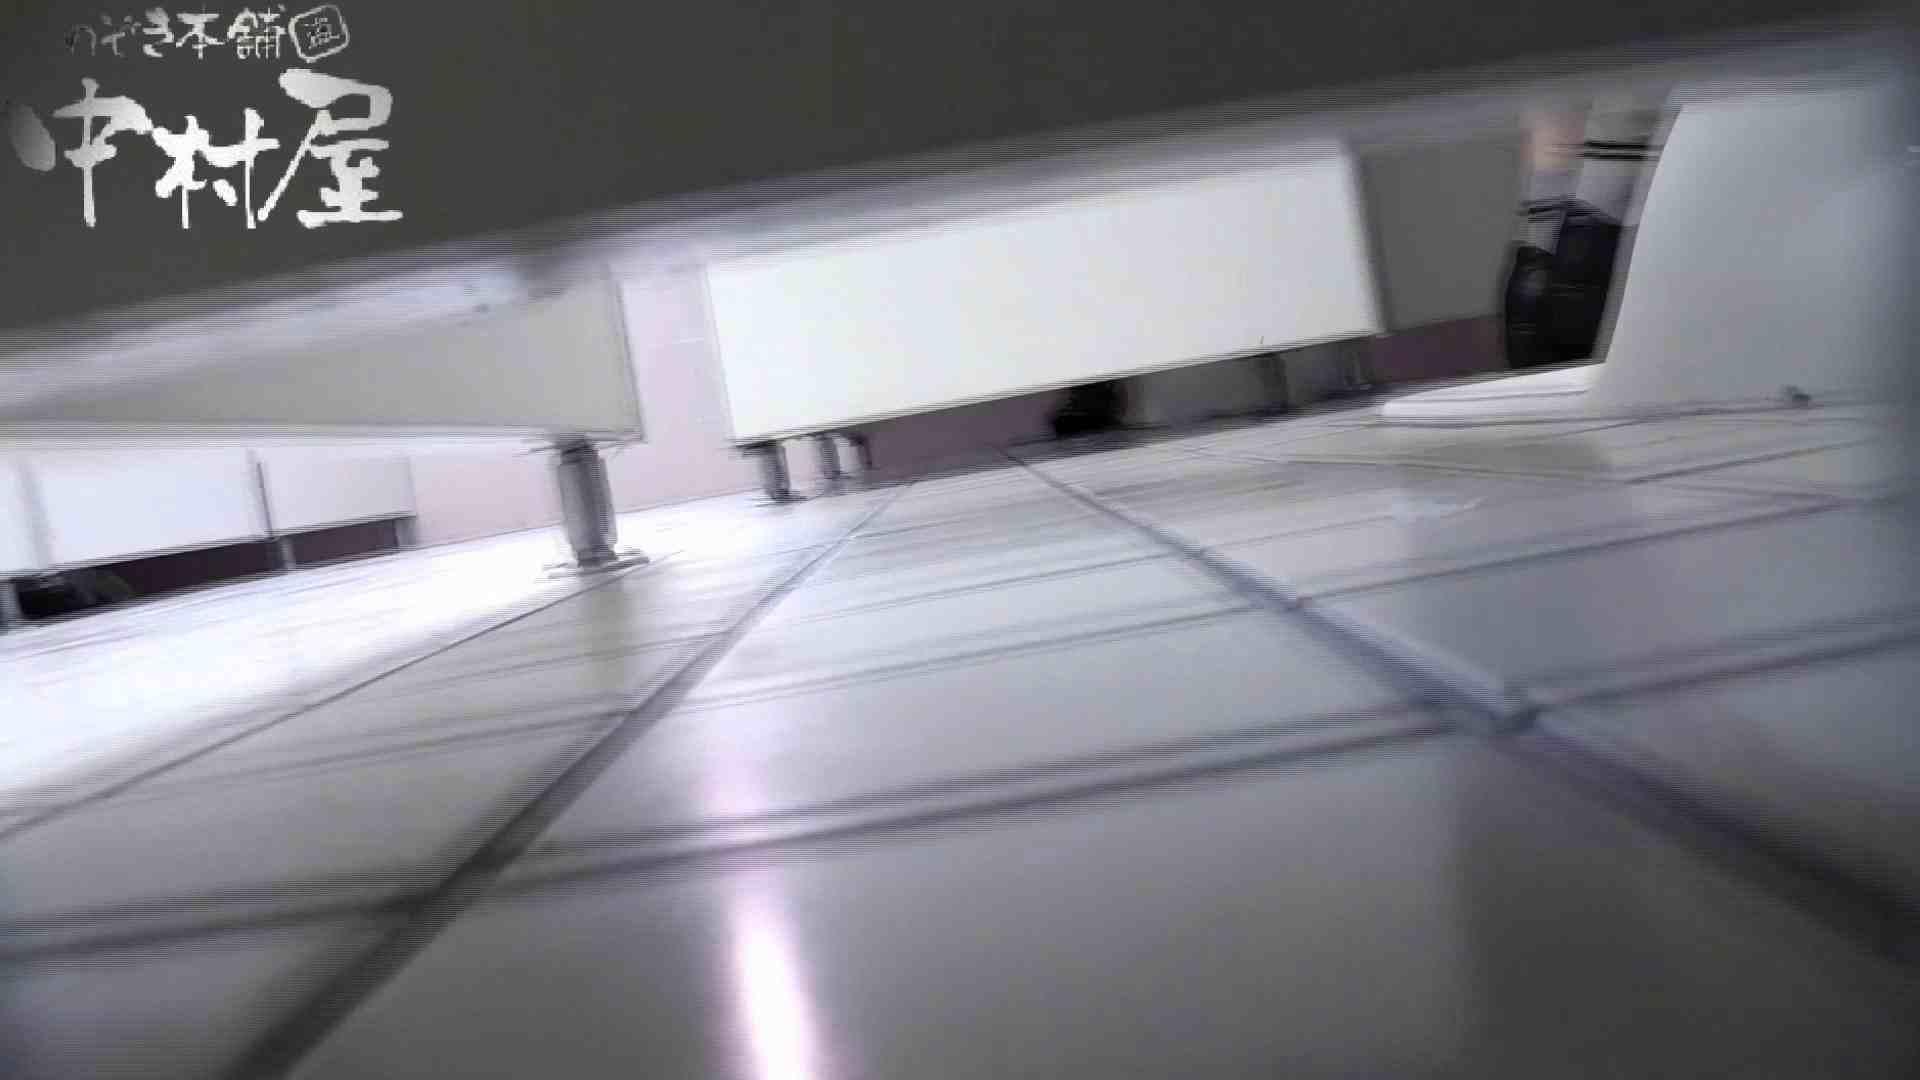 【美しい日本の未来】美しい日本の未来 No.41 反射を利用して、斬新な絶景が開かれた!! モロだしオマンコ 戯れ無修正画像 74pic 34